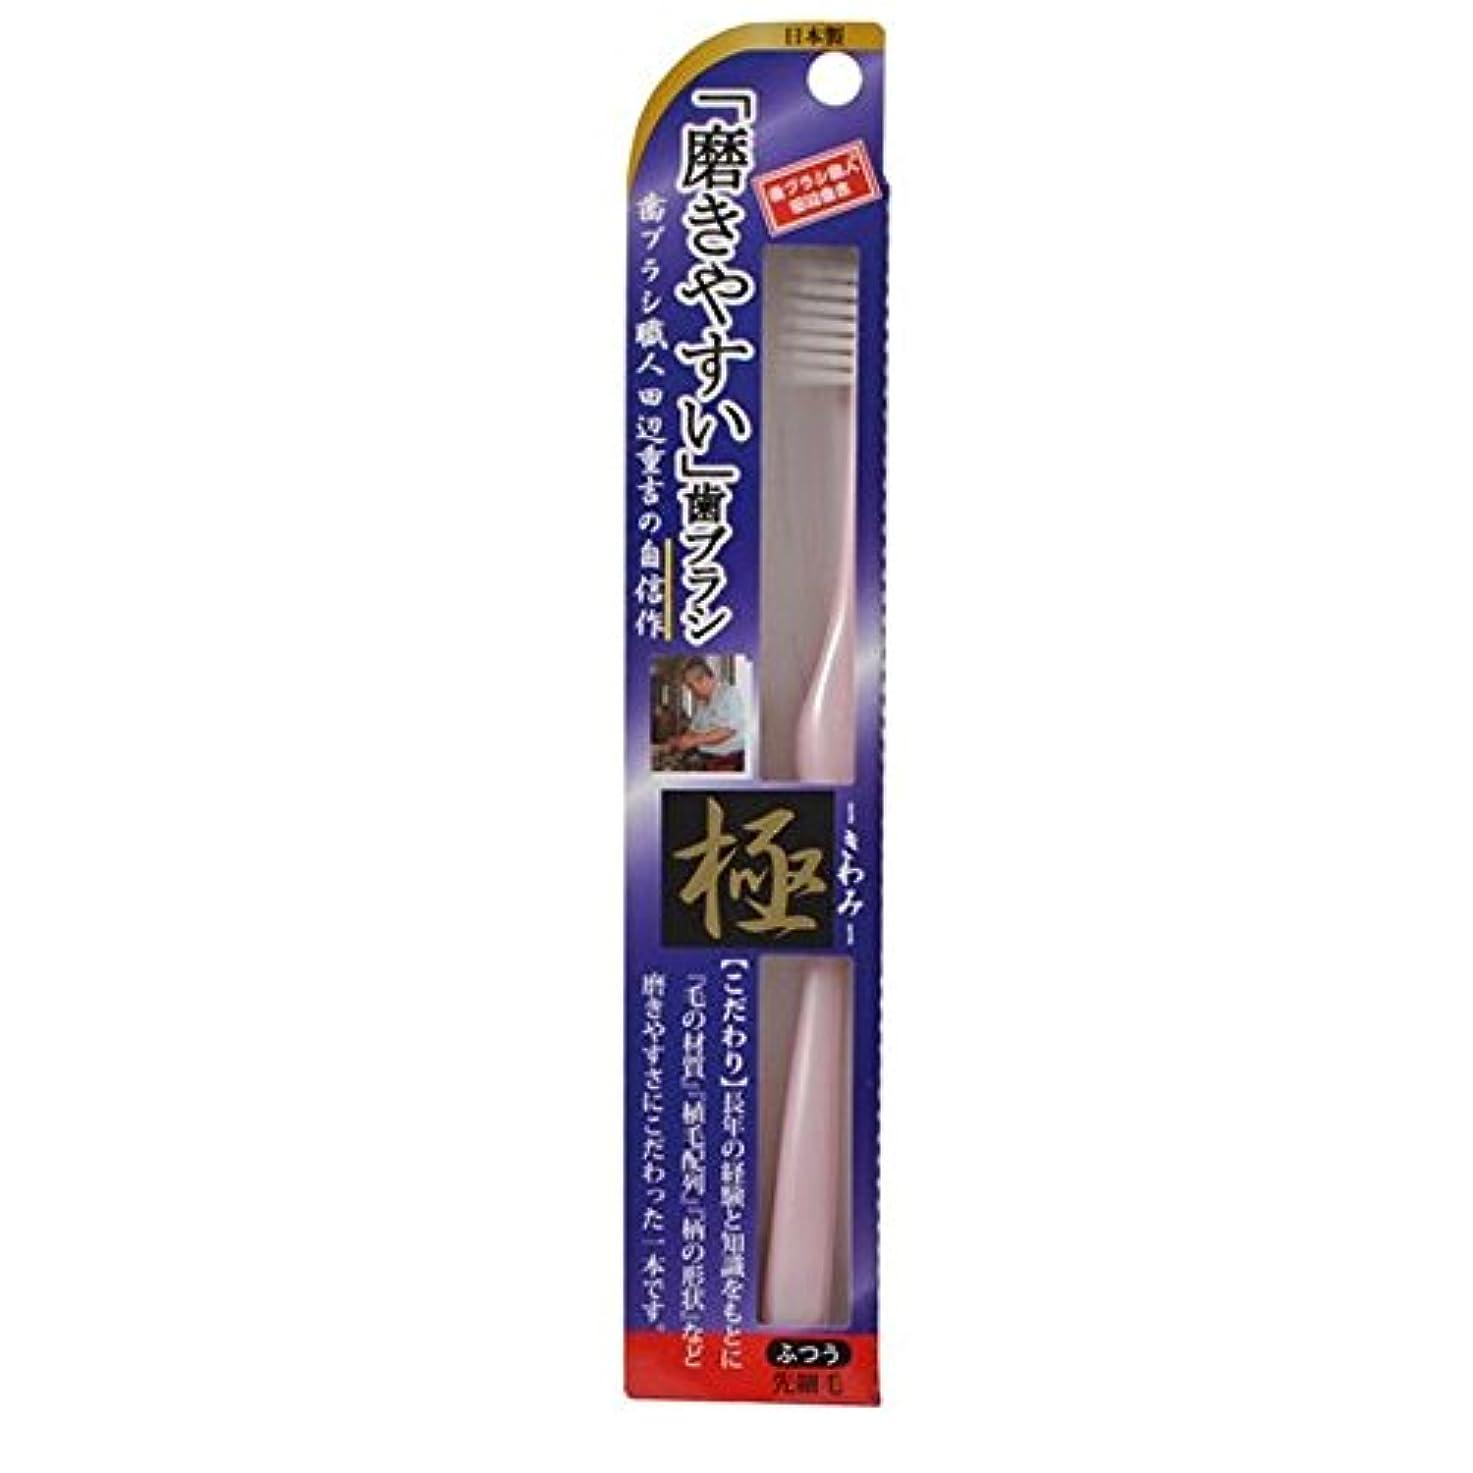 グラフィックネット高度磨きやすい歯ブラシ極 LT-22